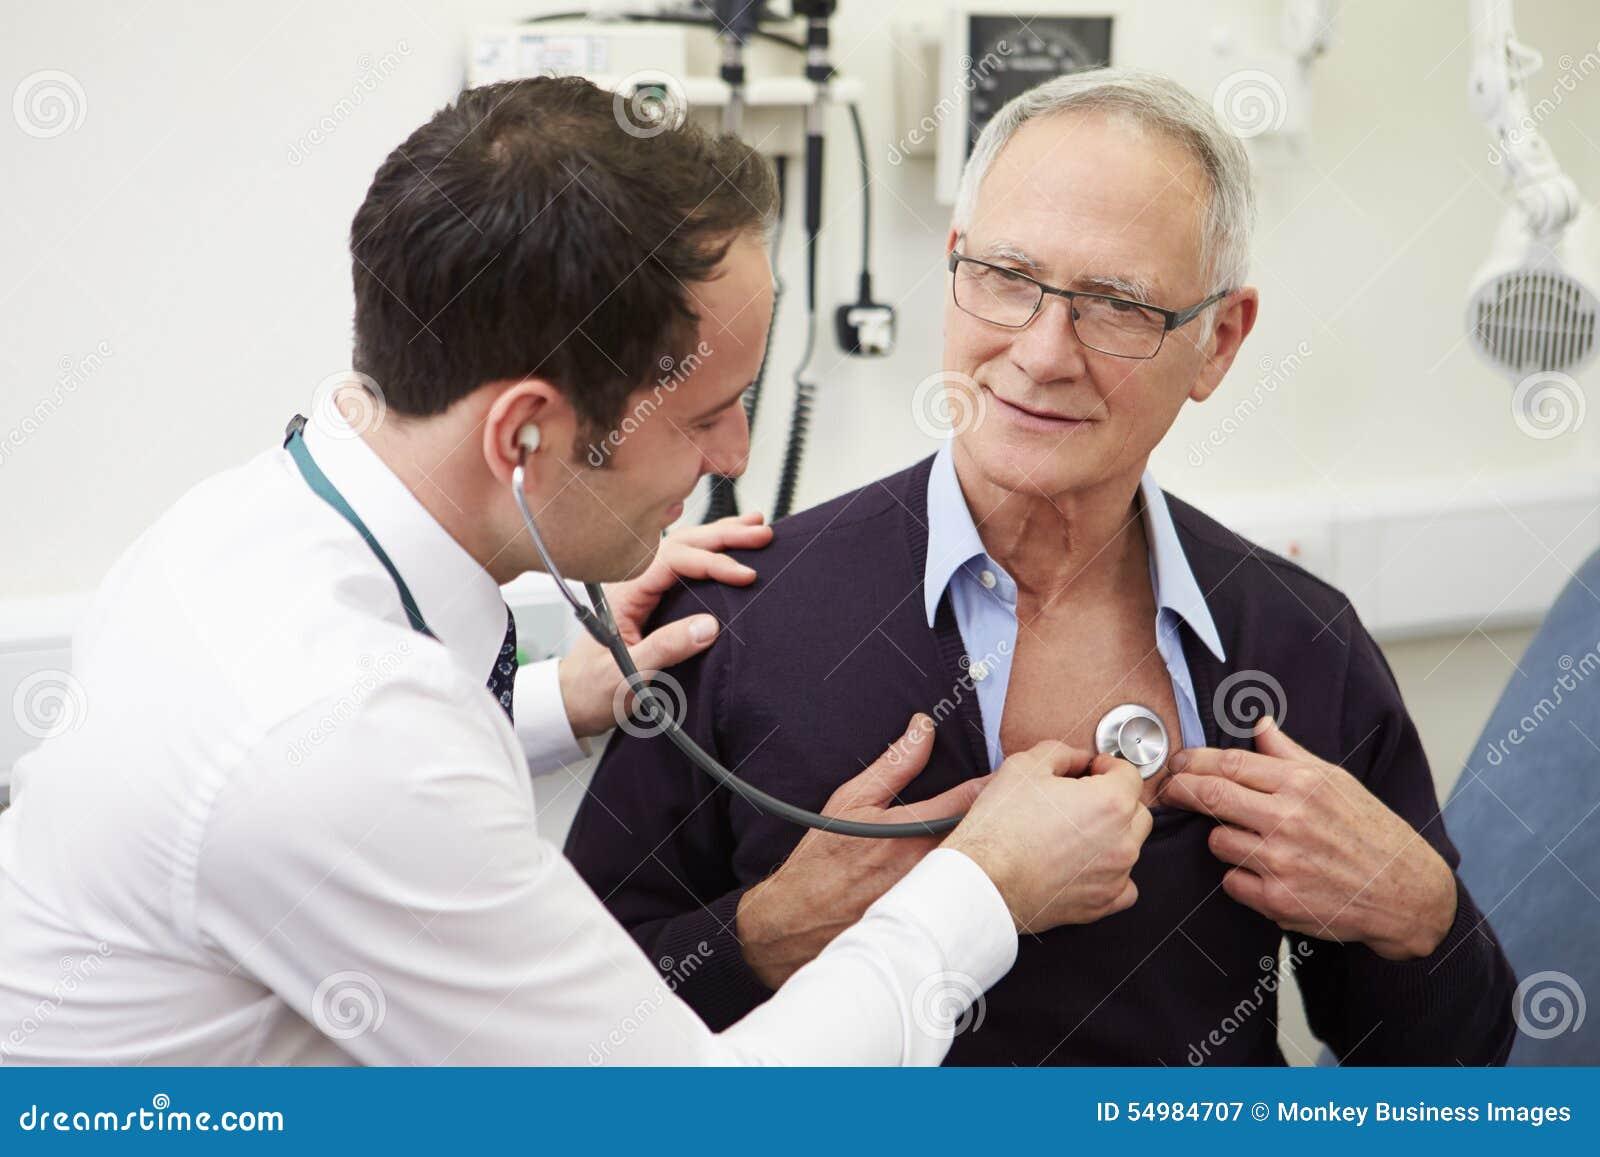 Patient för doktor Examining Senior Male i sjukhus